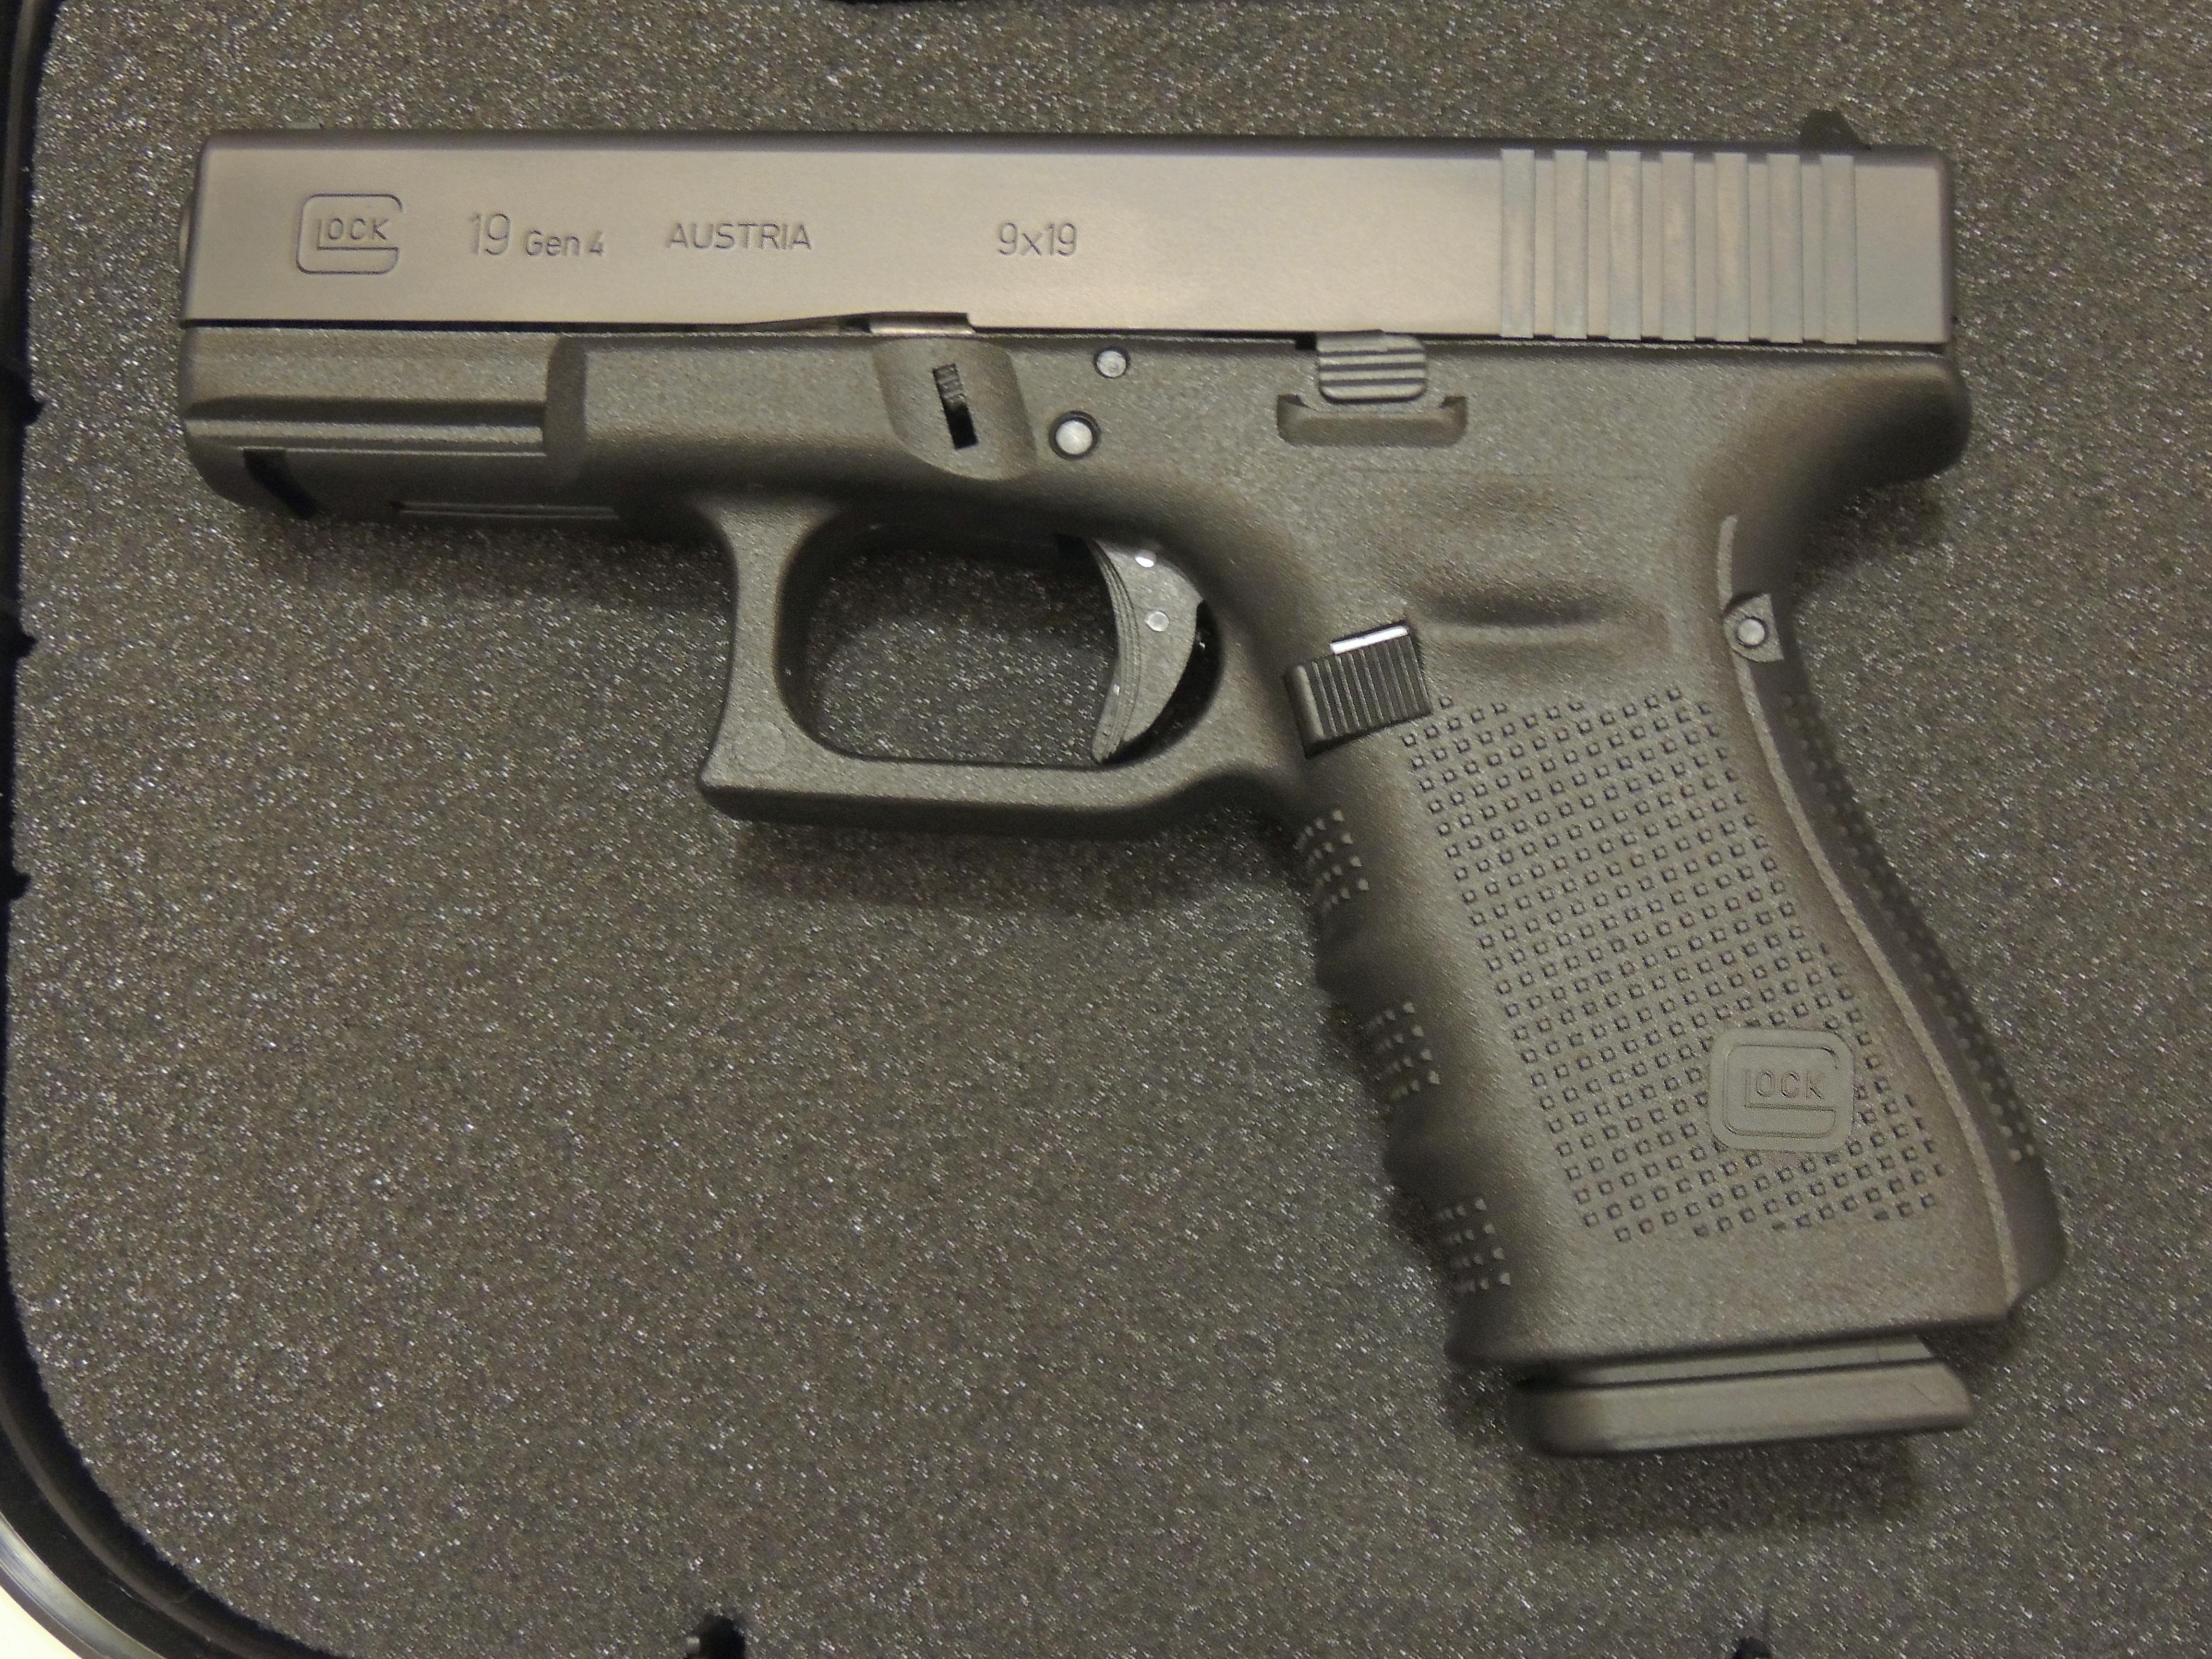 File:Glock 19 Gen 4.JPG - Wikimedia Commons